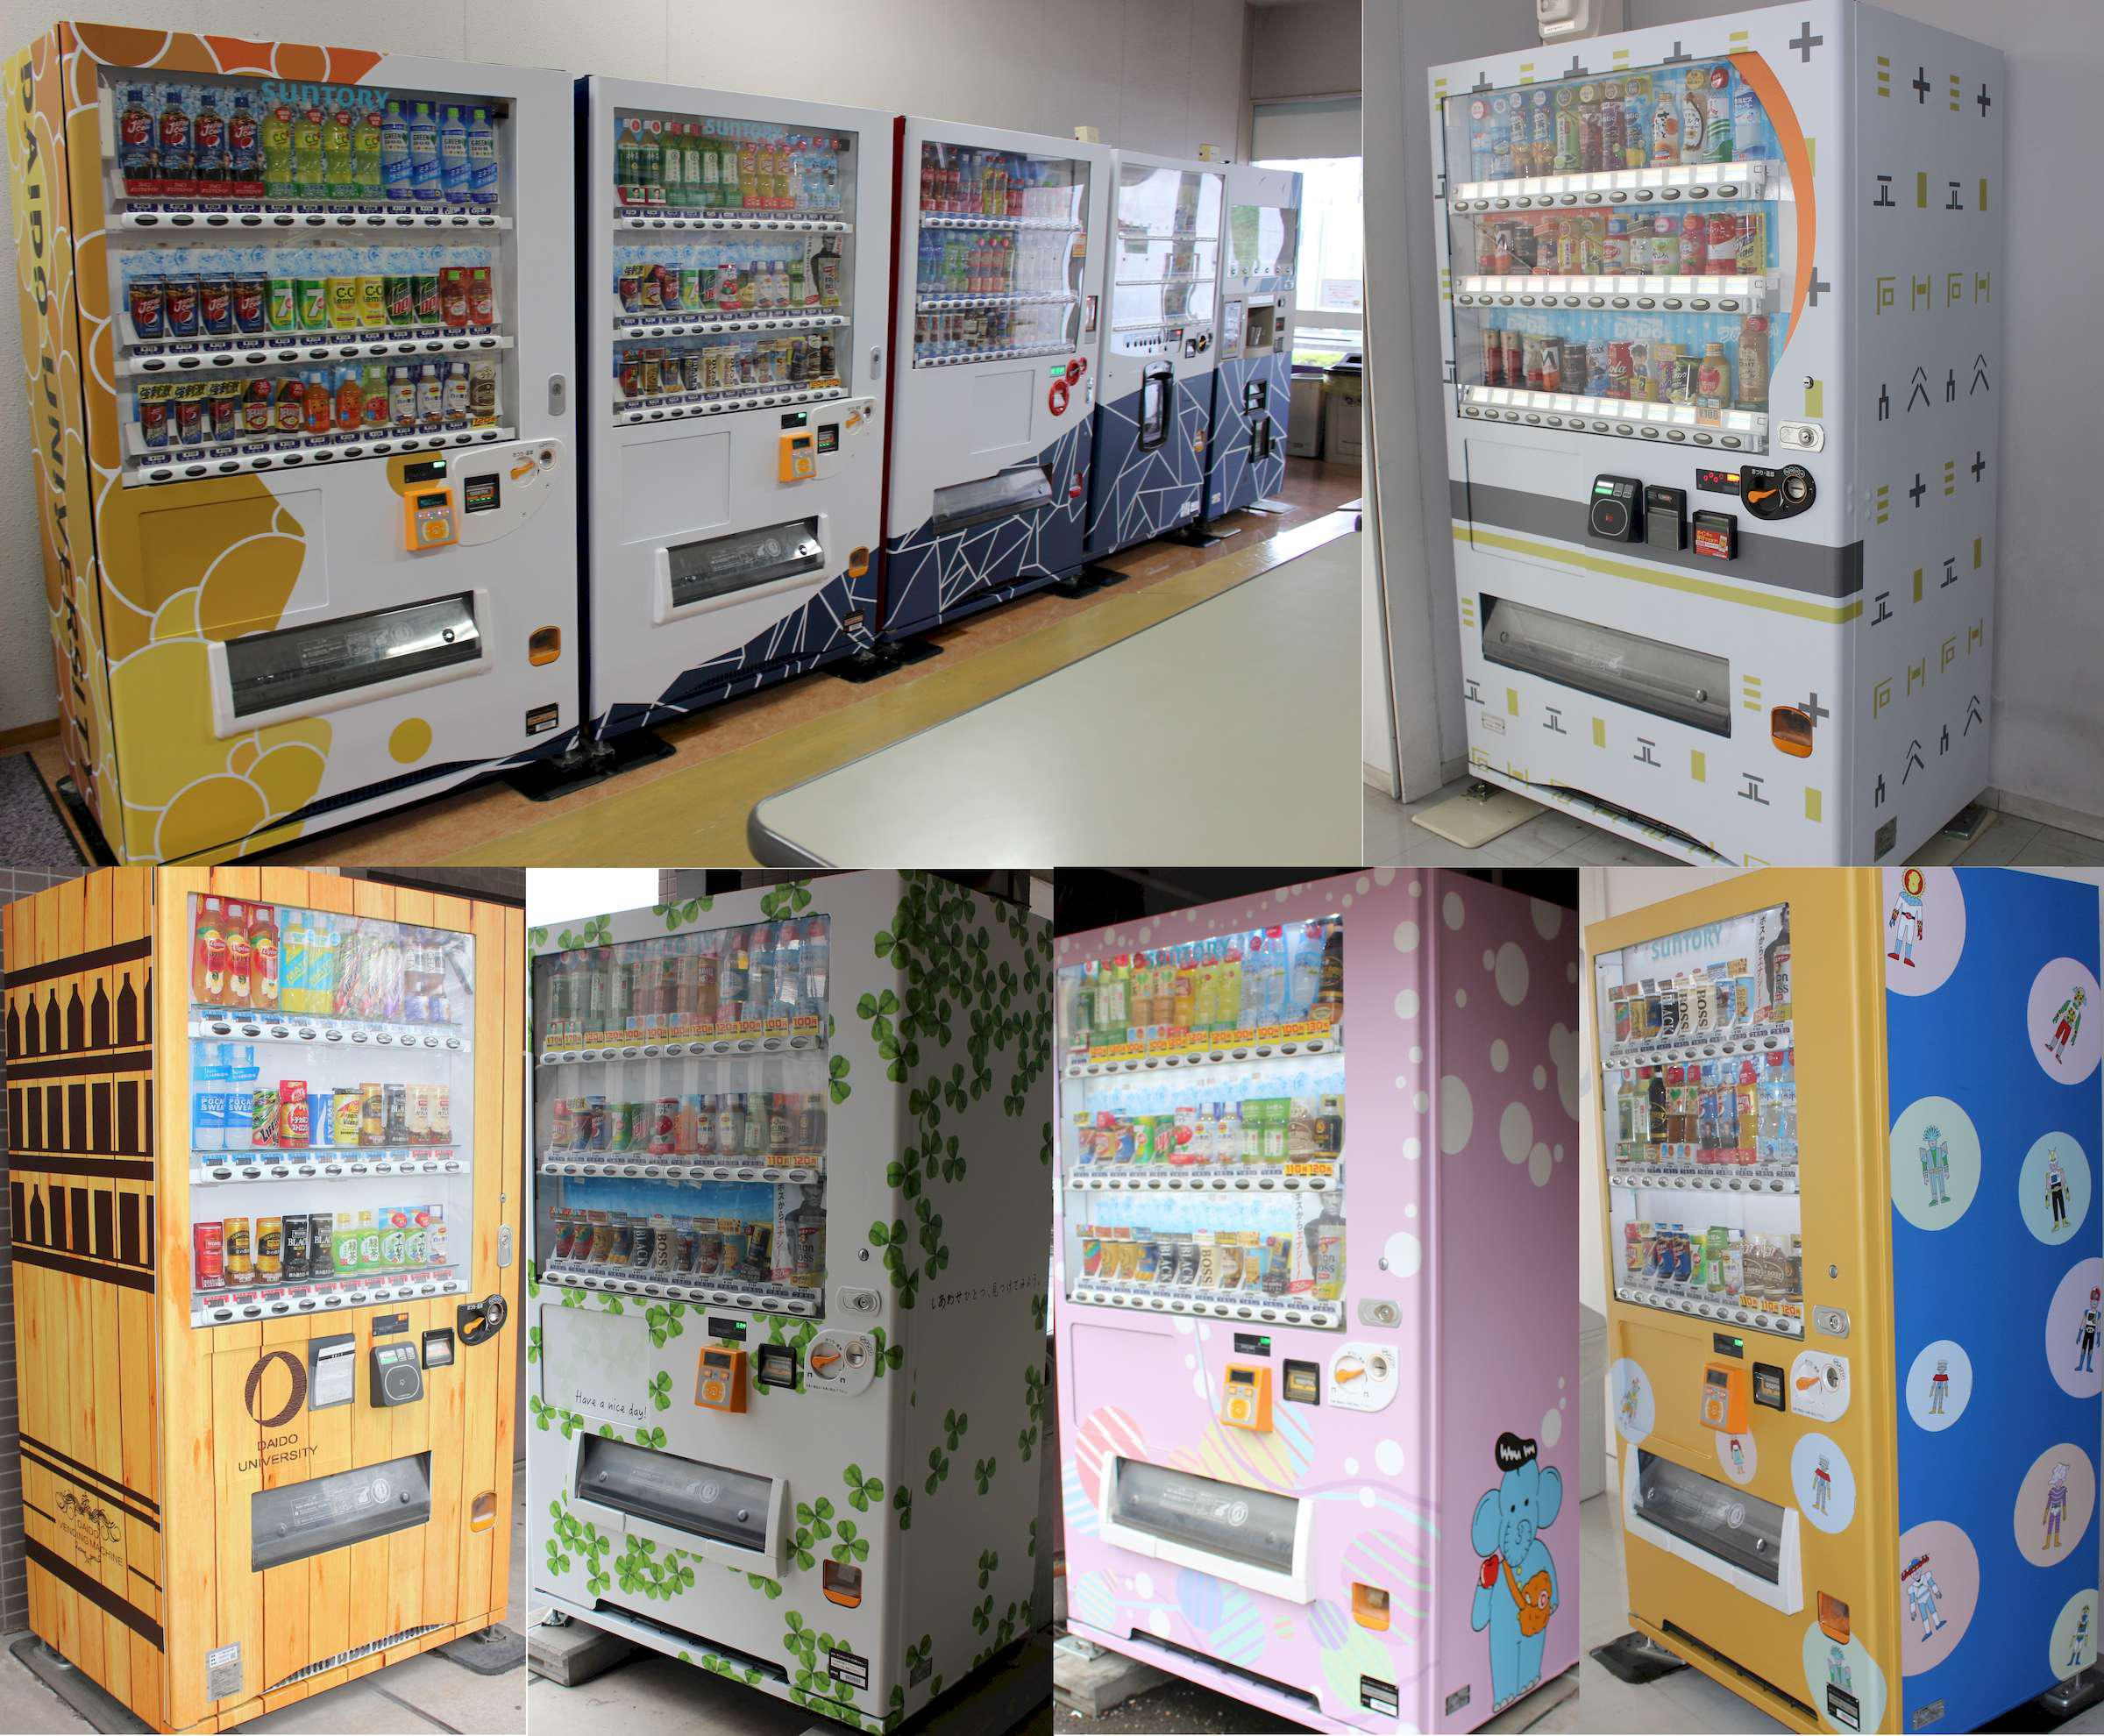 学生が考案したラッピングが施された自動販売機の一部